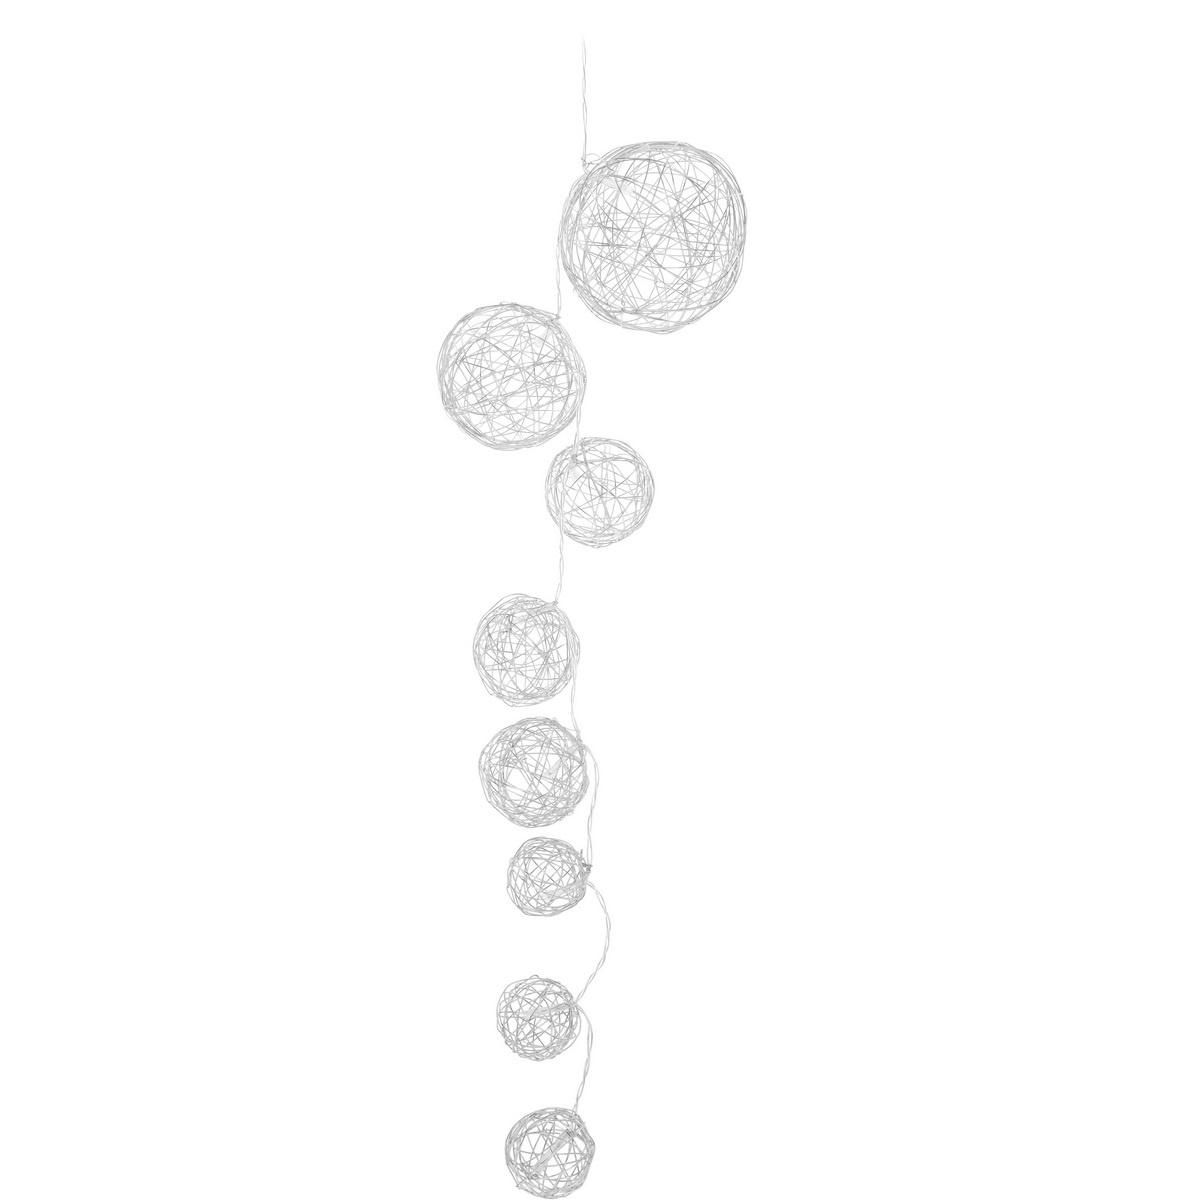 Světelný řetěz Covelo 8 LED